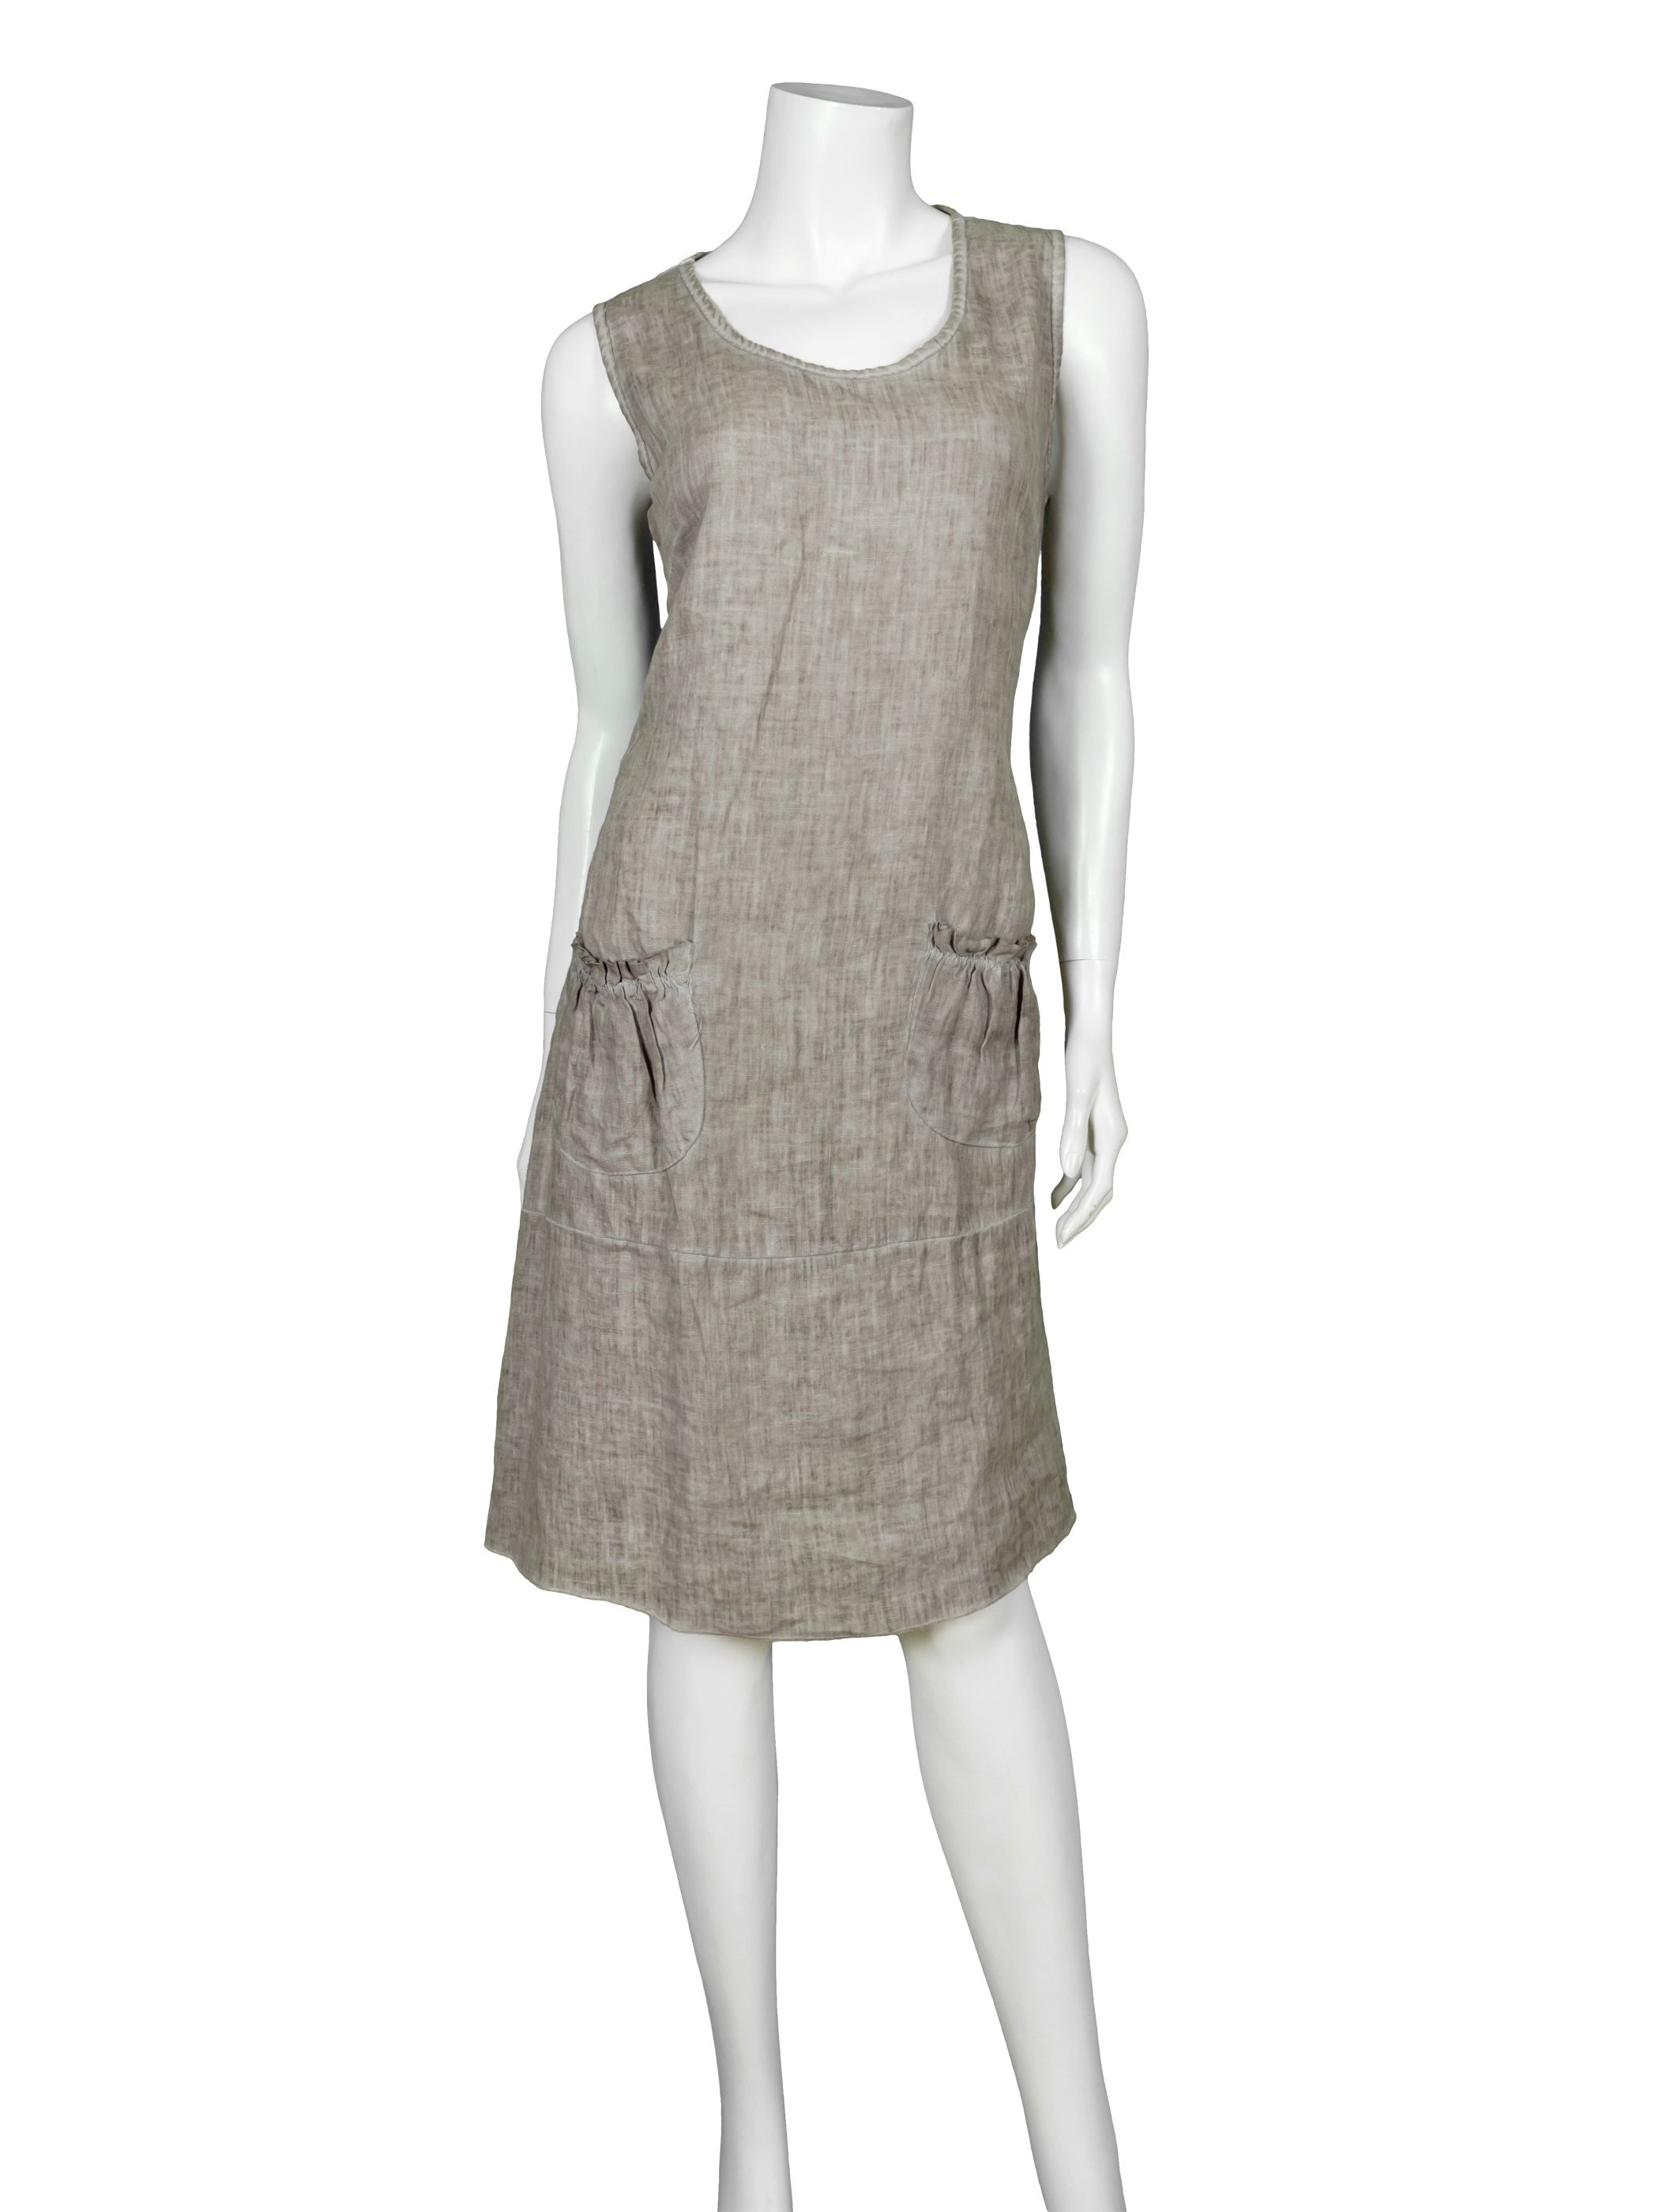 Kleid aus Leinen, schlamm - les frères | Nähen Kleidung | Pinterest ...